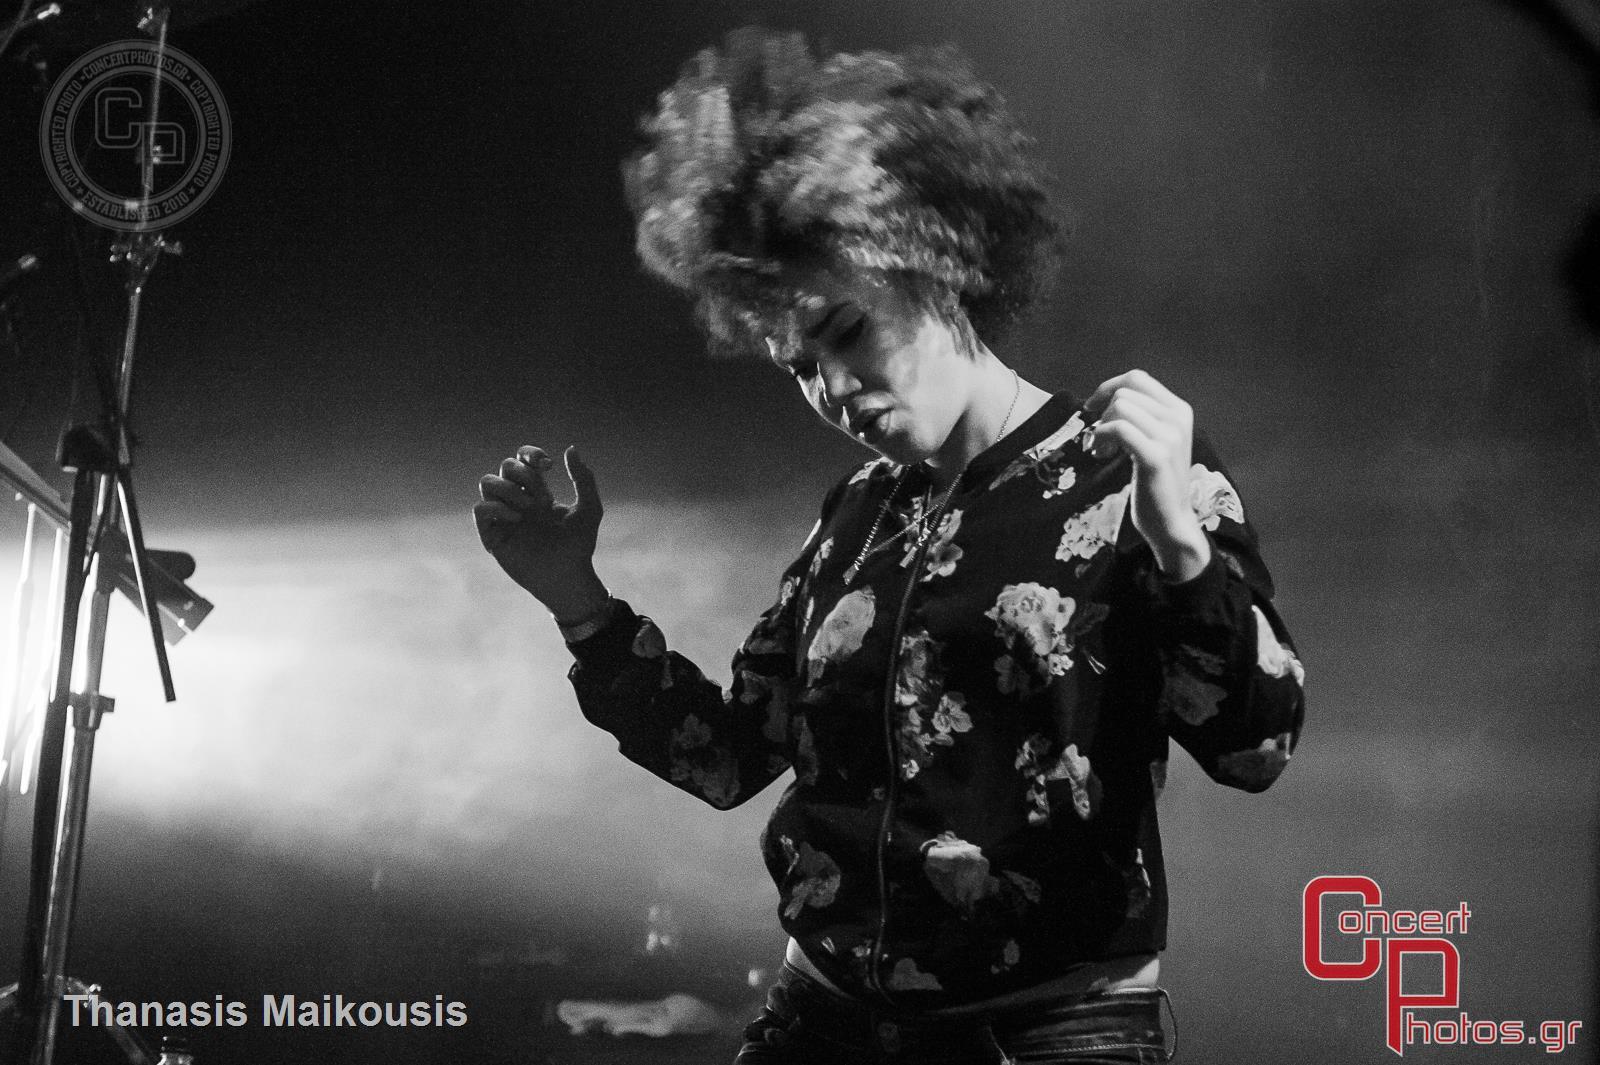 Stereo Mc's-Stereo Mcs photographer: Thanasis Maikousis - ConcertPhotos - 20141129_2306_18